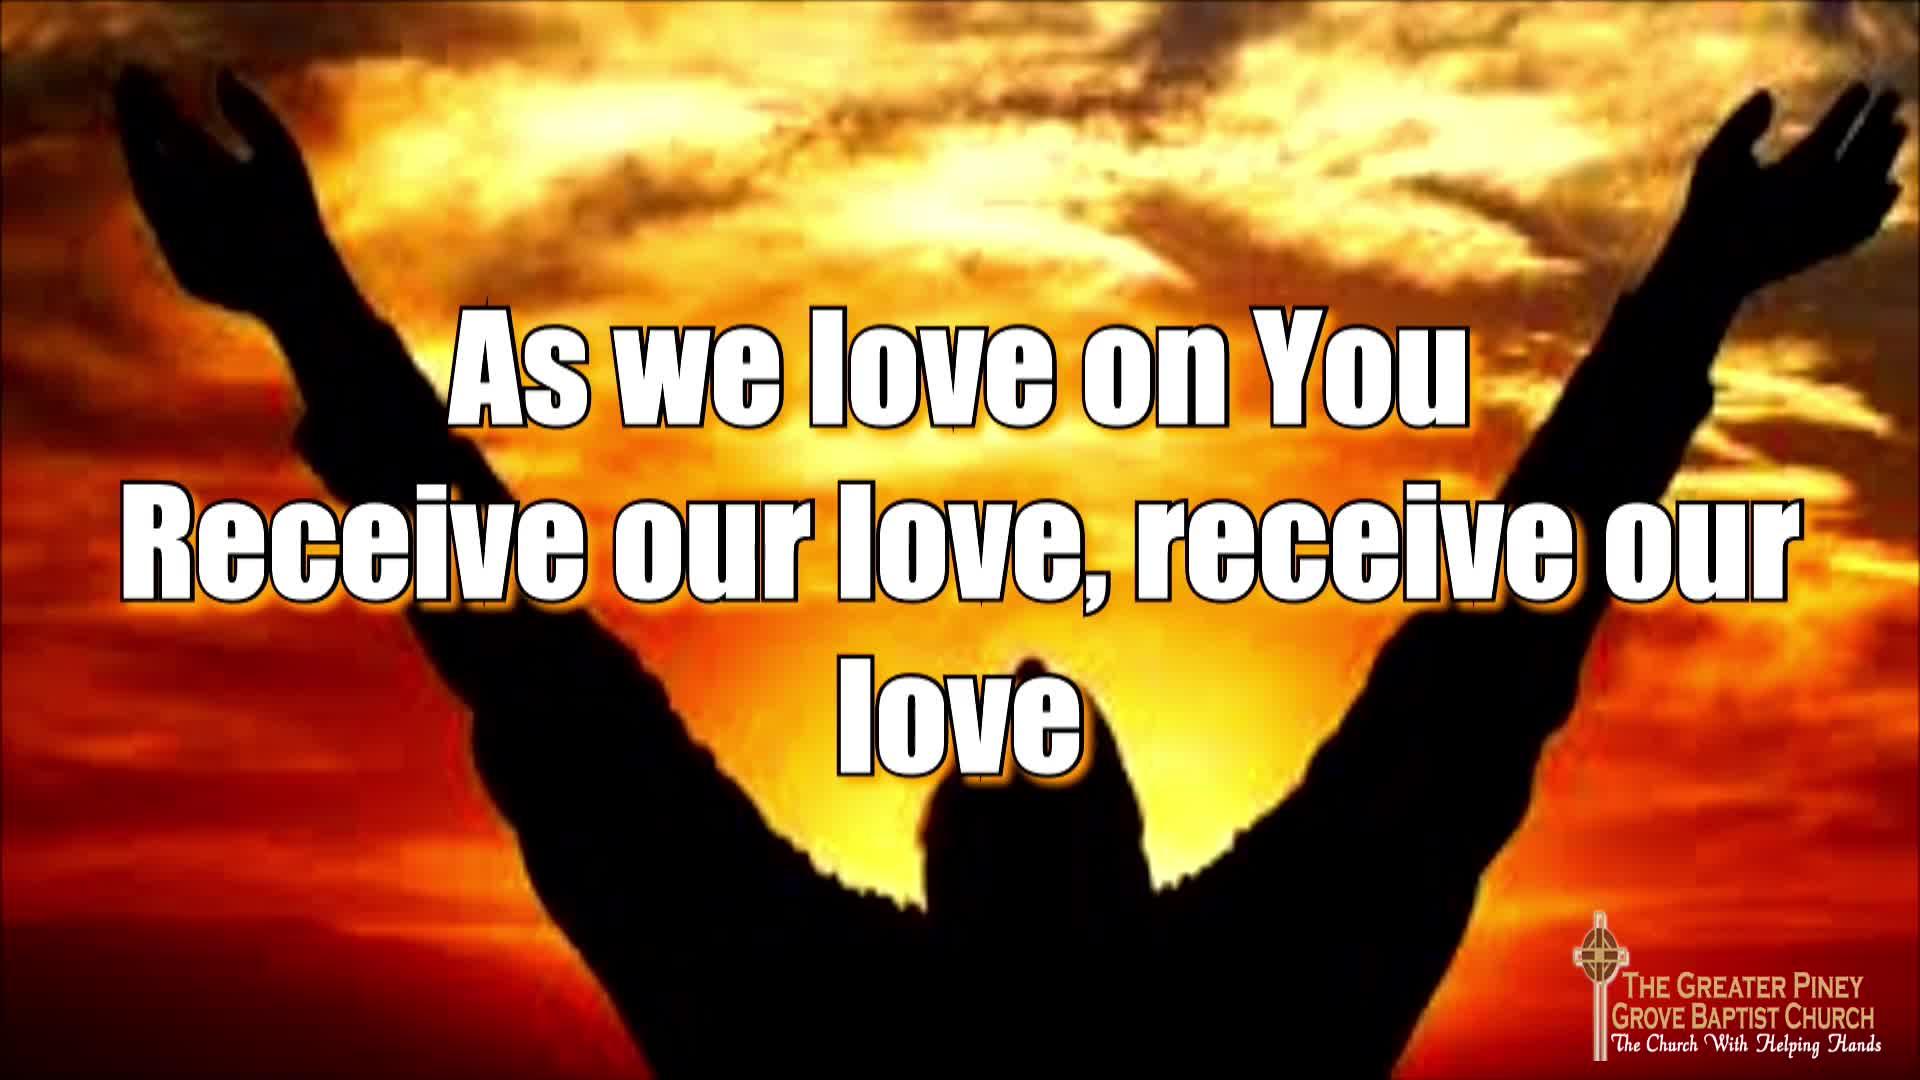 Sunday Morning Worship on 26-Apr-20-08:53:33